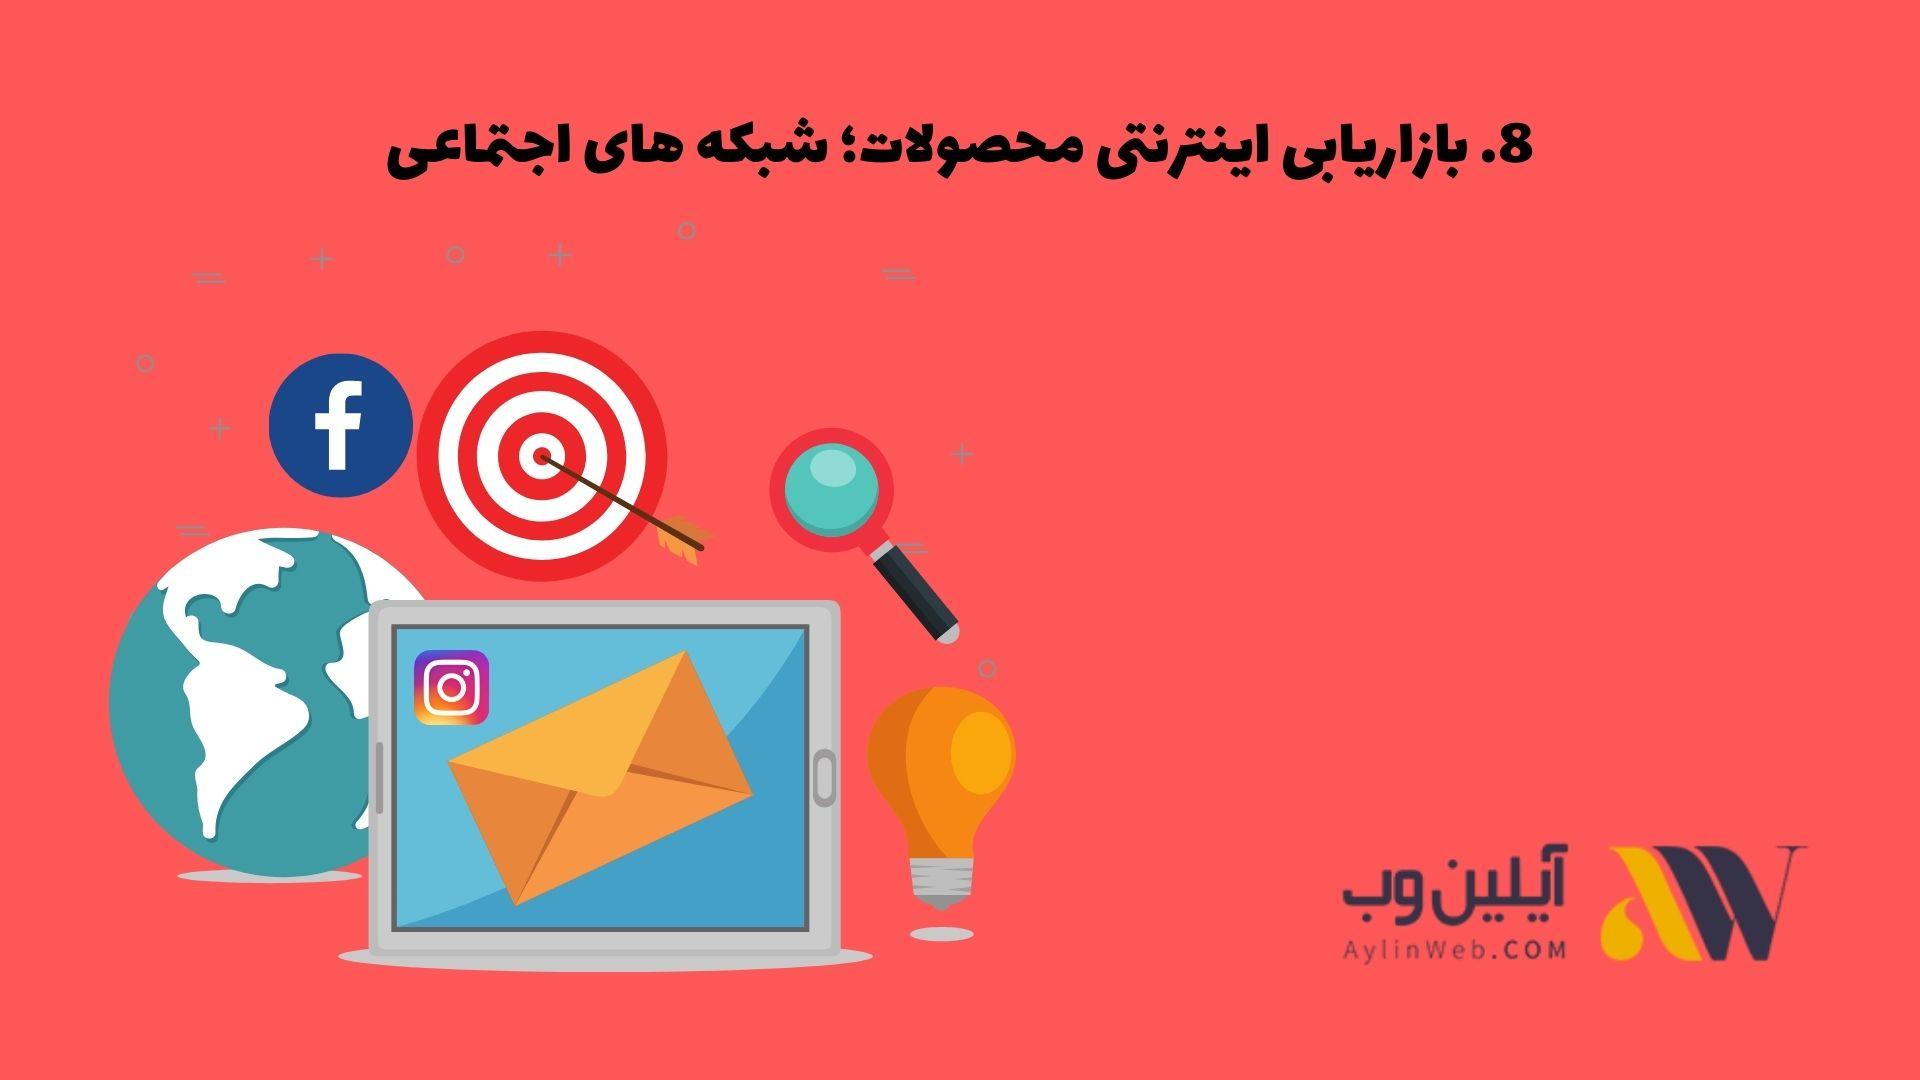 بازاریابی اینترنتی محصولات؛ شبکه های اجتماعی